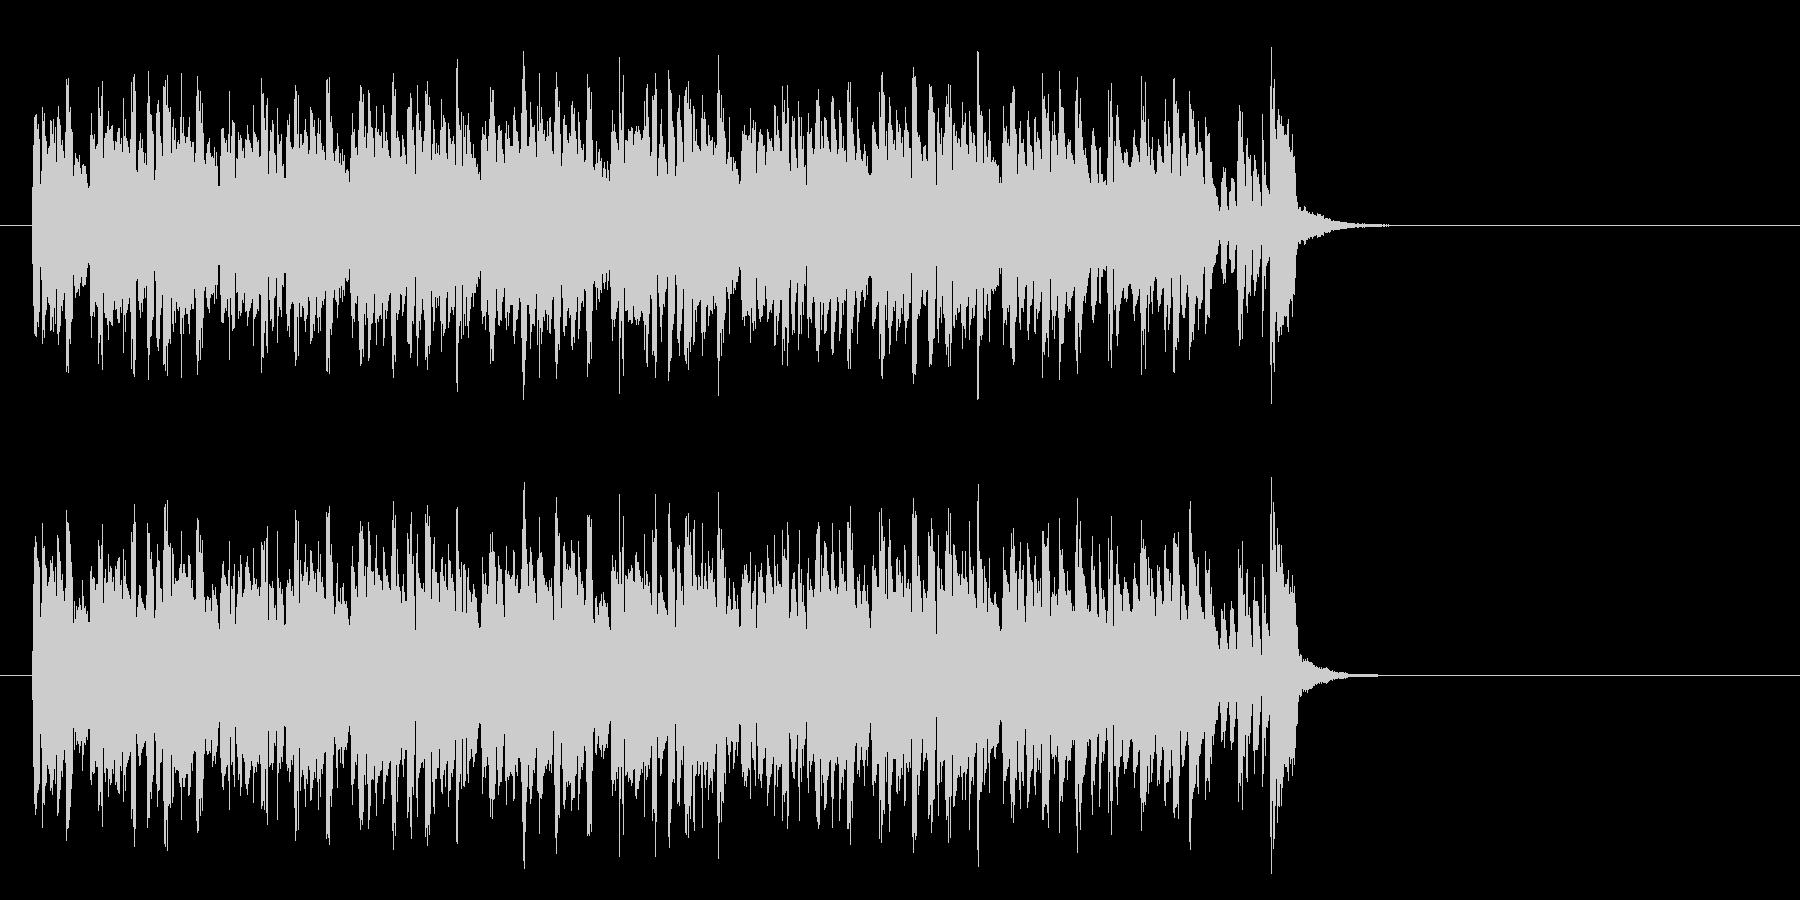 キャッチーなテクノポップ(サビ)の未再生の波形